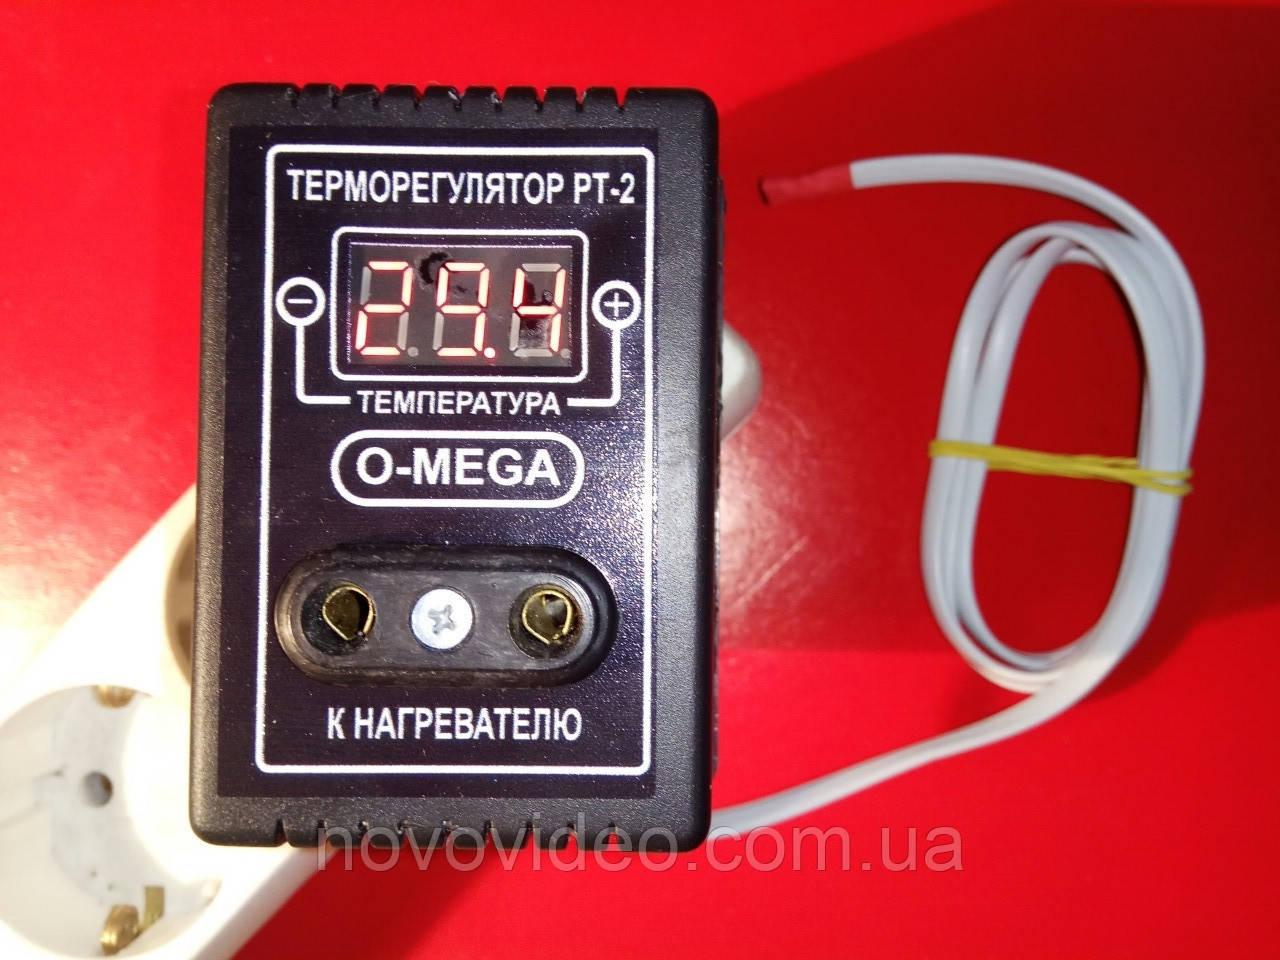 Электронный терморегулятор ТР-2 в инкубатор под розетку